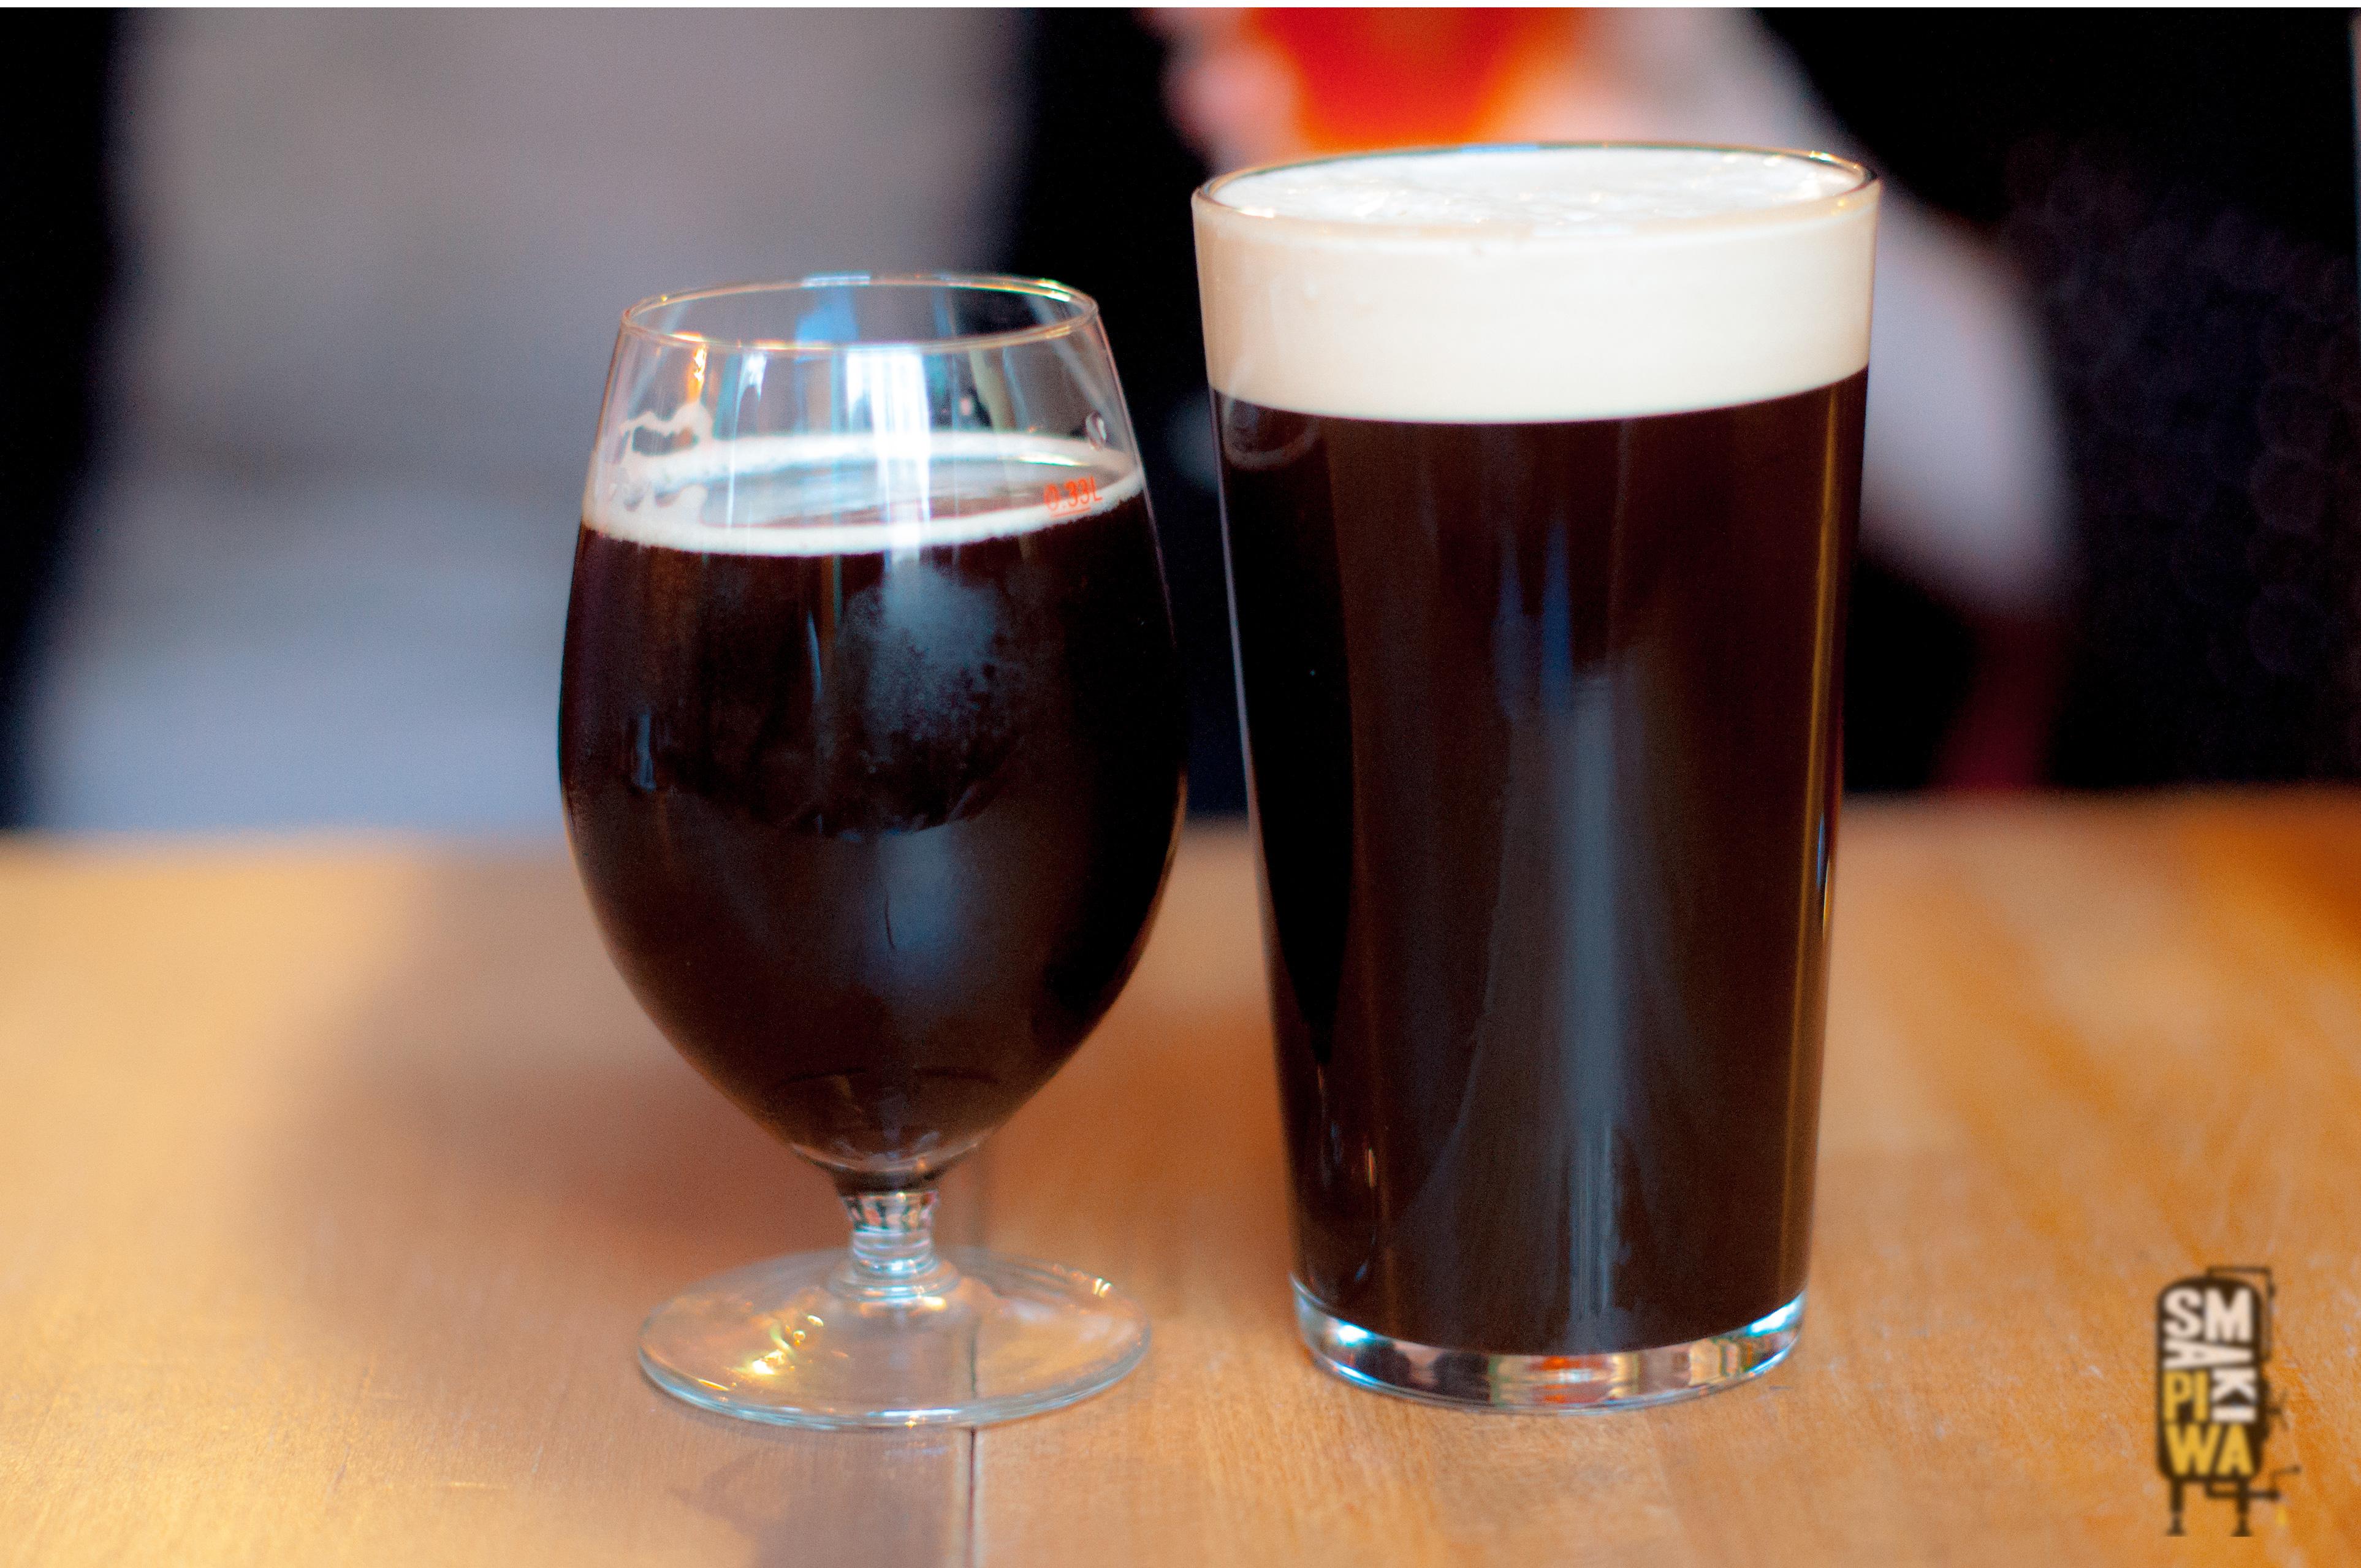 Premierowe piwo w wersji z kranu po lewej i z pompy po prawej